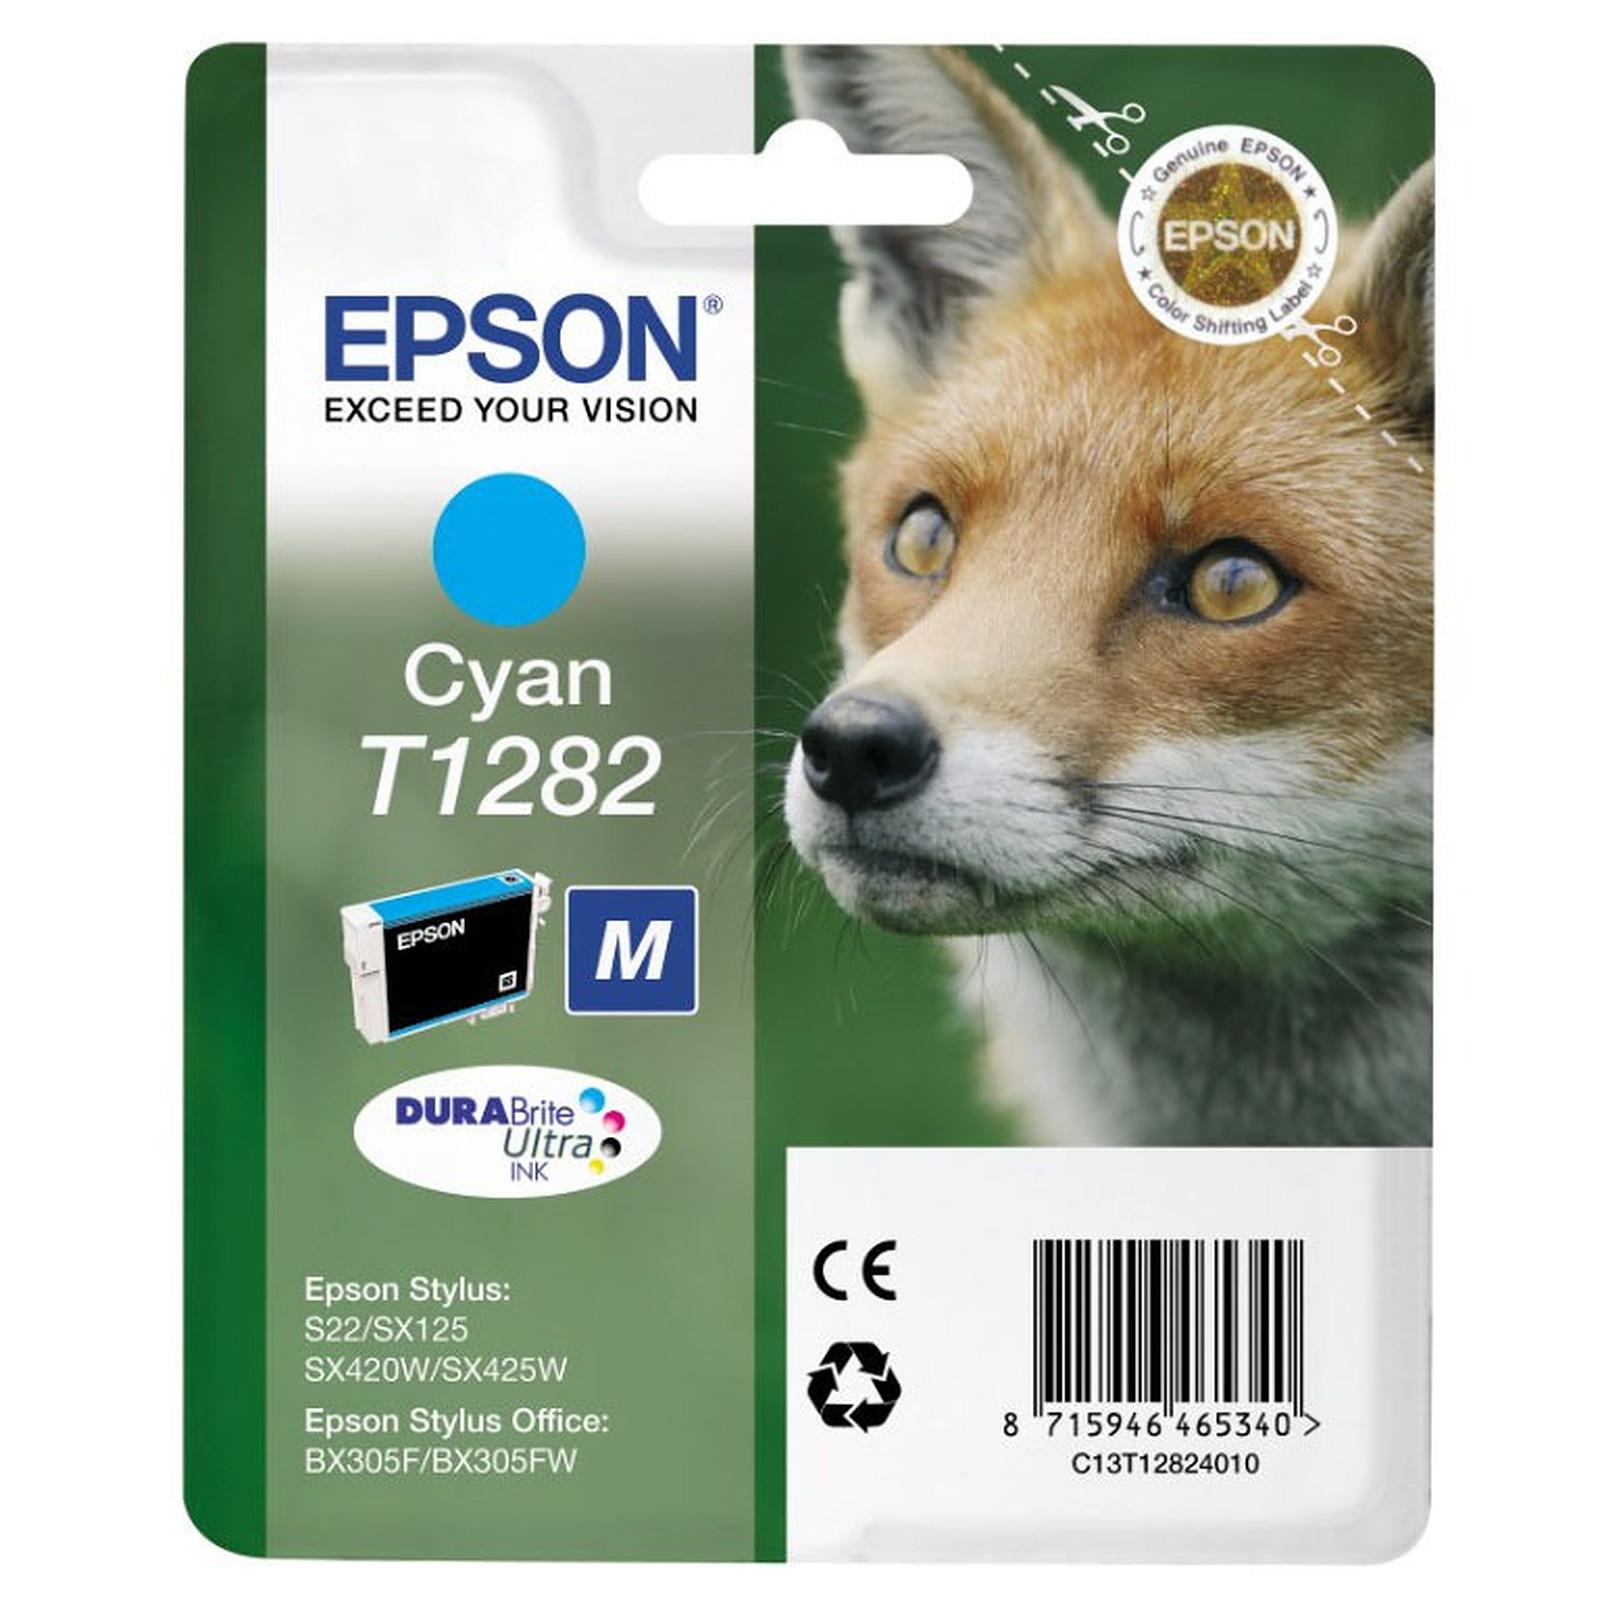 Epson T1282